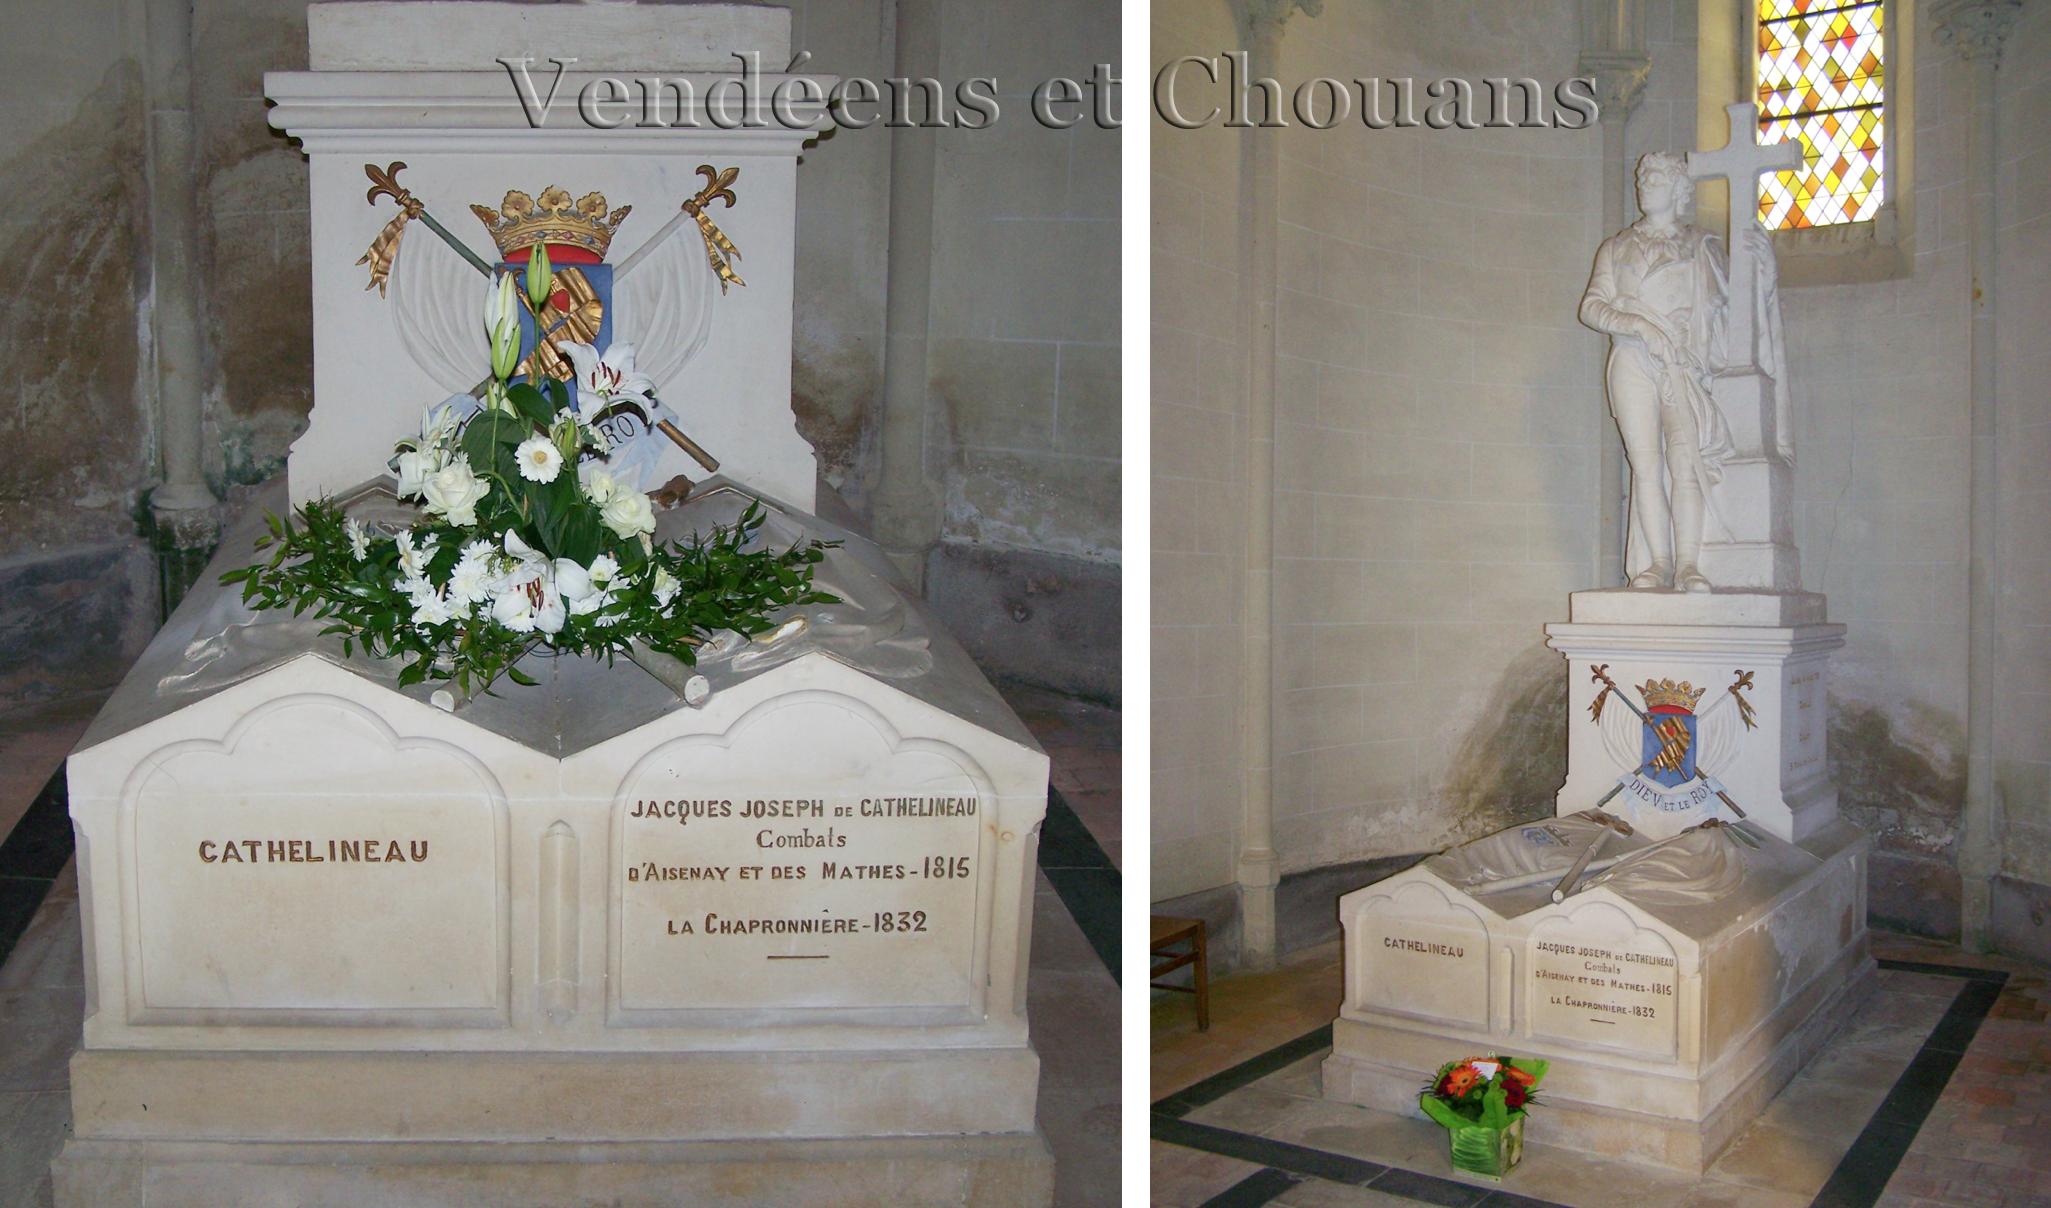 Saint-Florent-le-Vieil (49) – Tombeau de Cathelineau dans la chapelle Saint-Charles